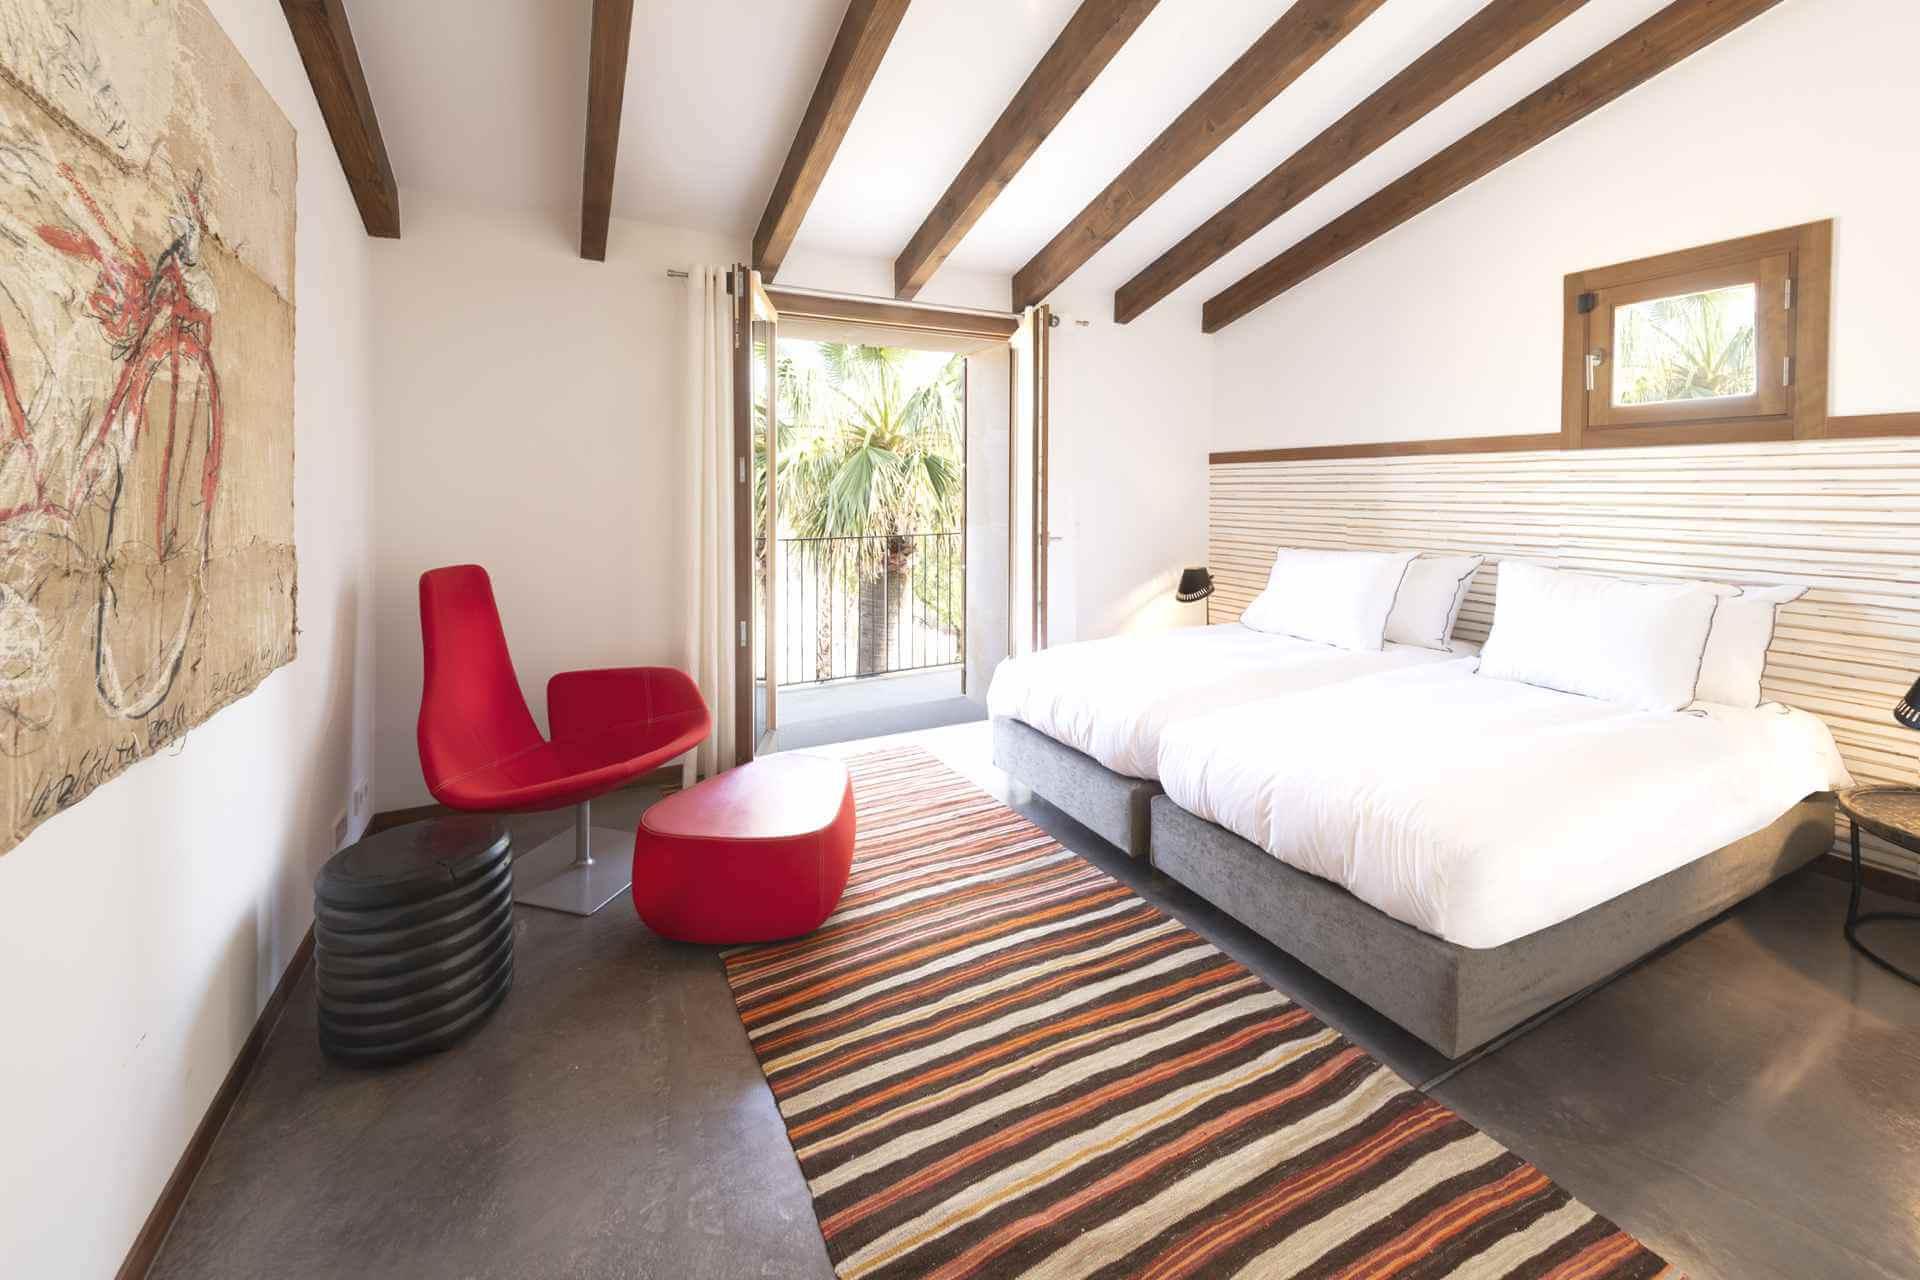 01-354 Luxus Design Finca Mallorca Zentrum Bild 18